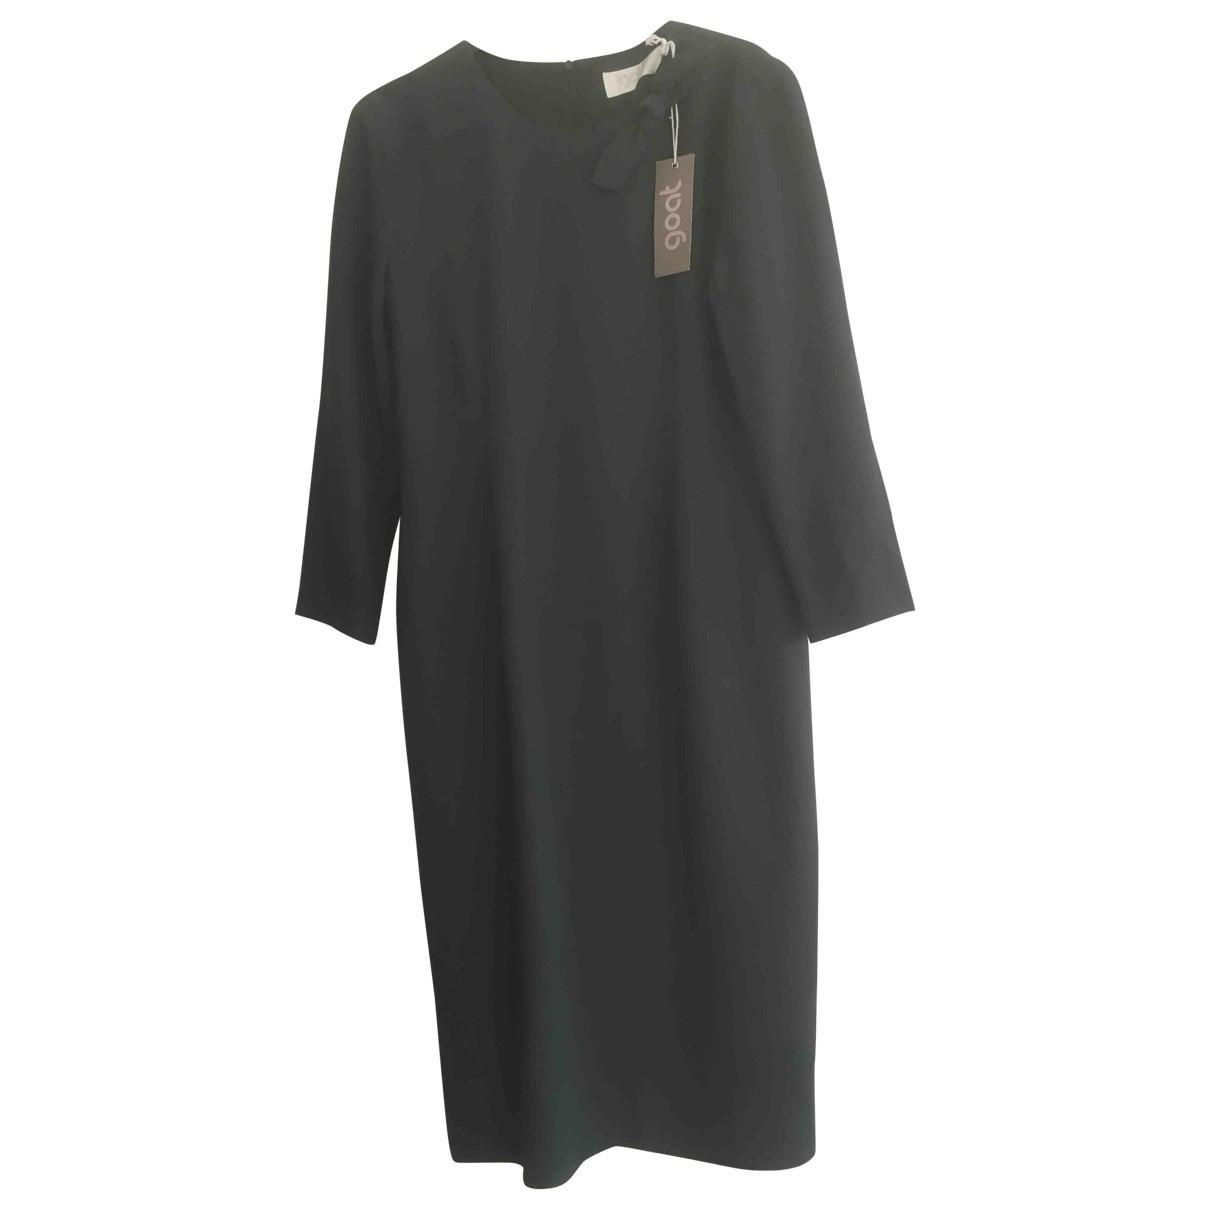 Goat \N Kleid in  Gruen Wolle